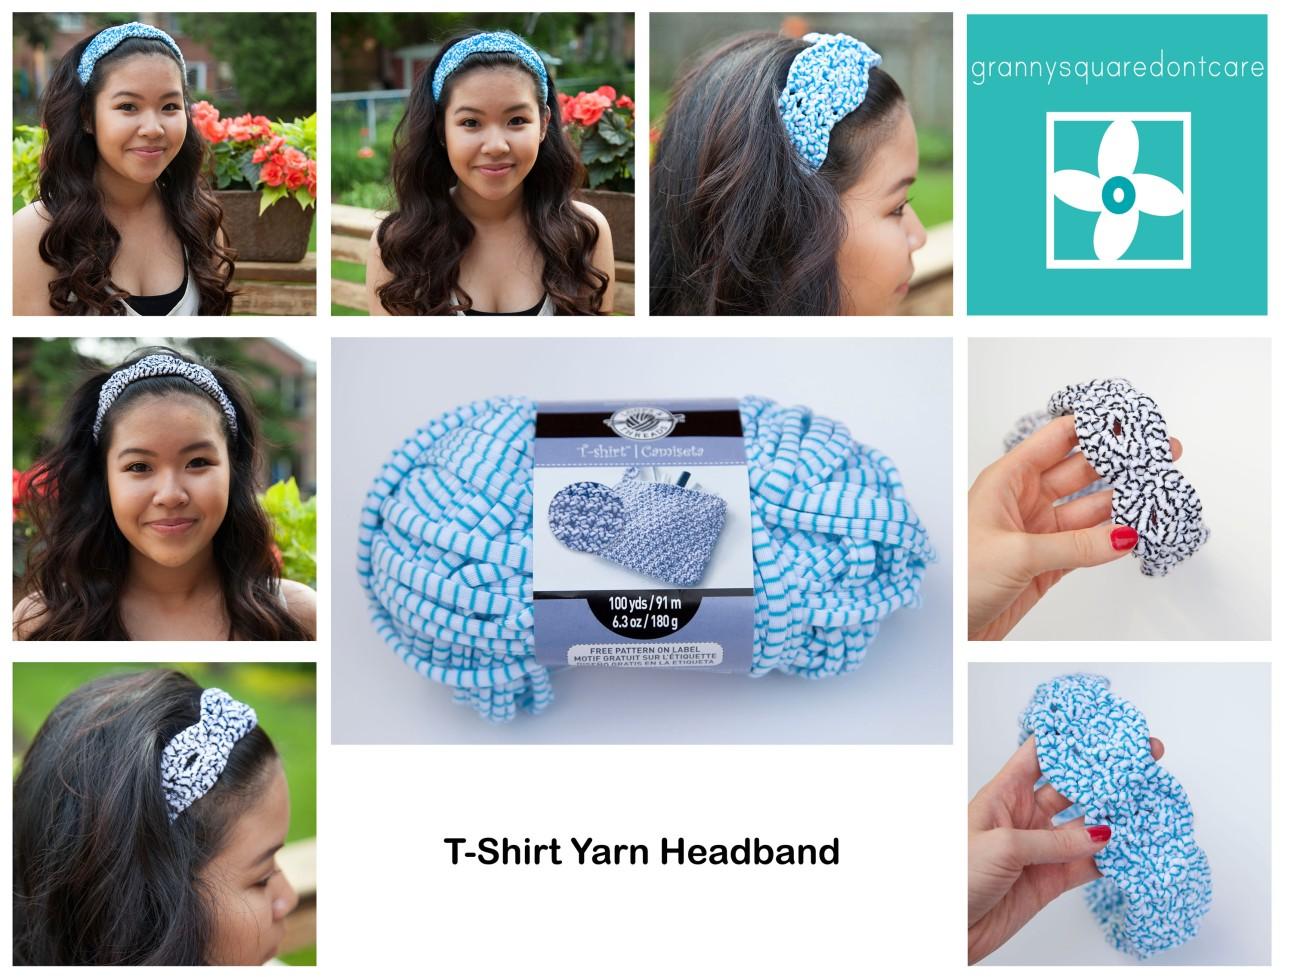 Tshirt headband-smaller